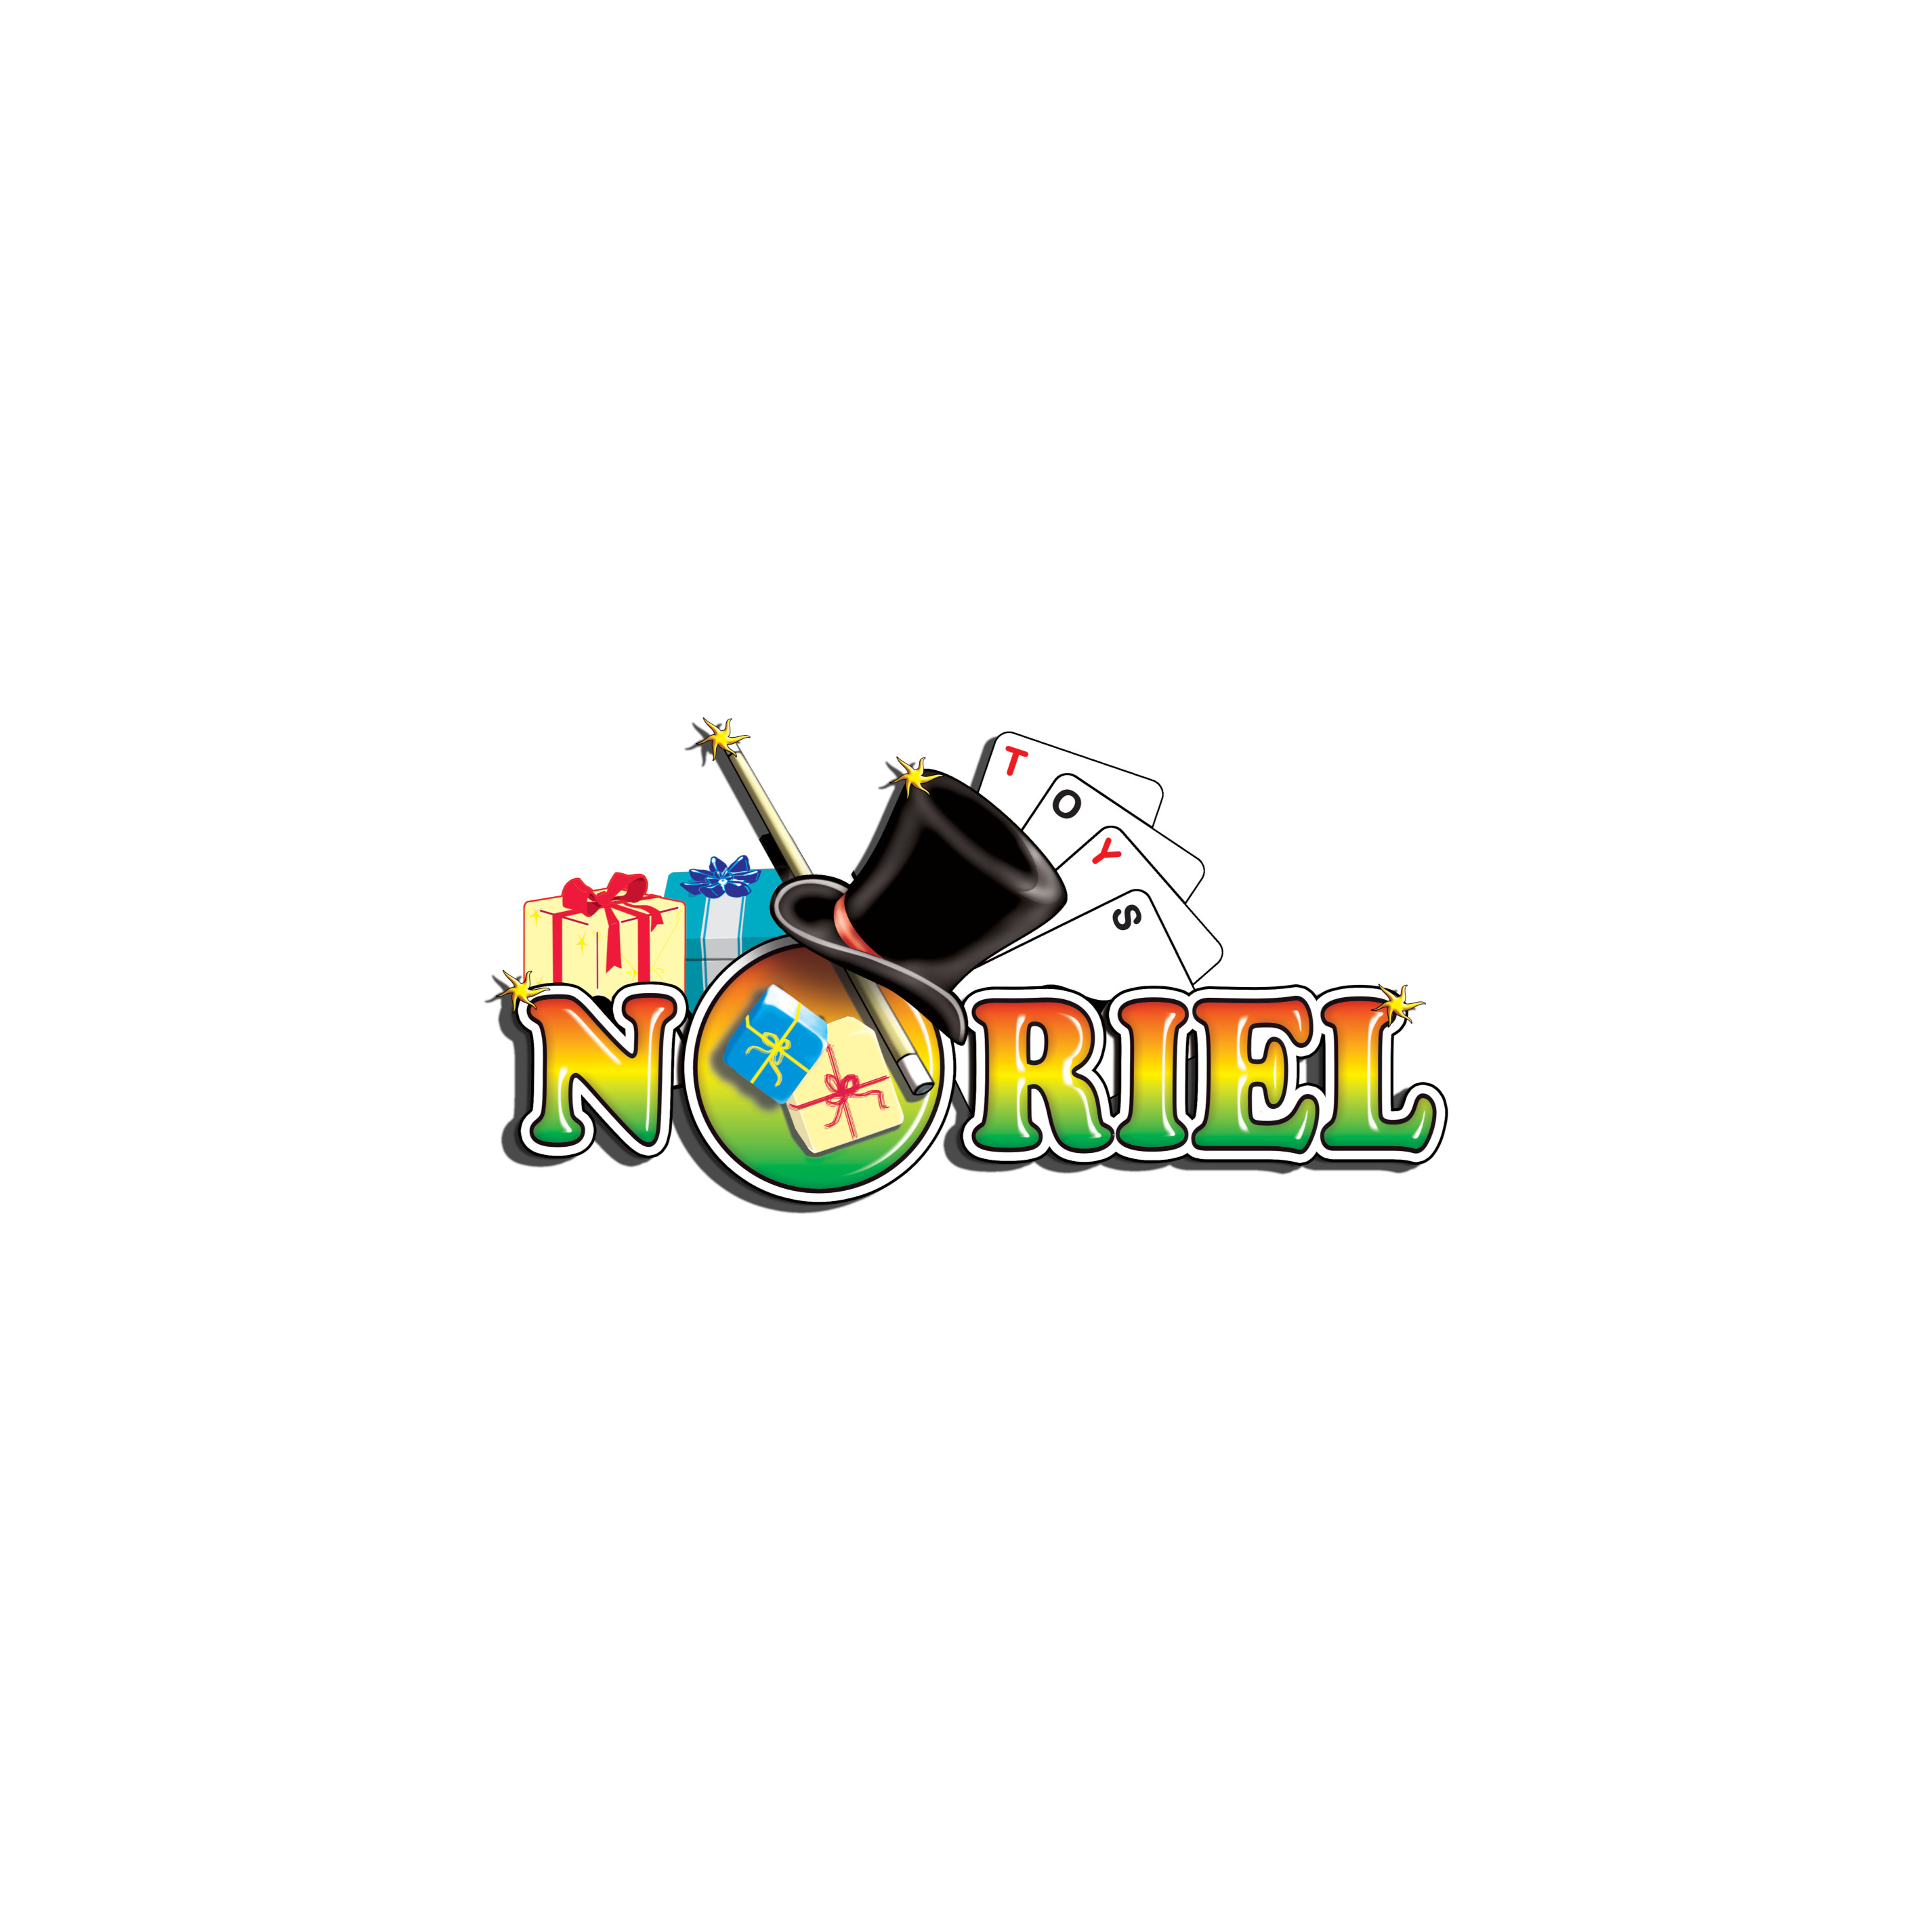 Mini masinuta Incredibles 2 78172_001